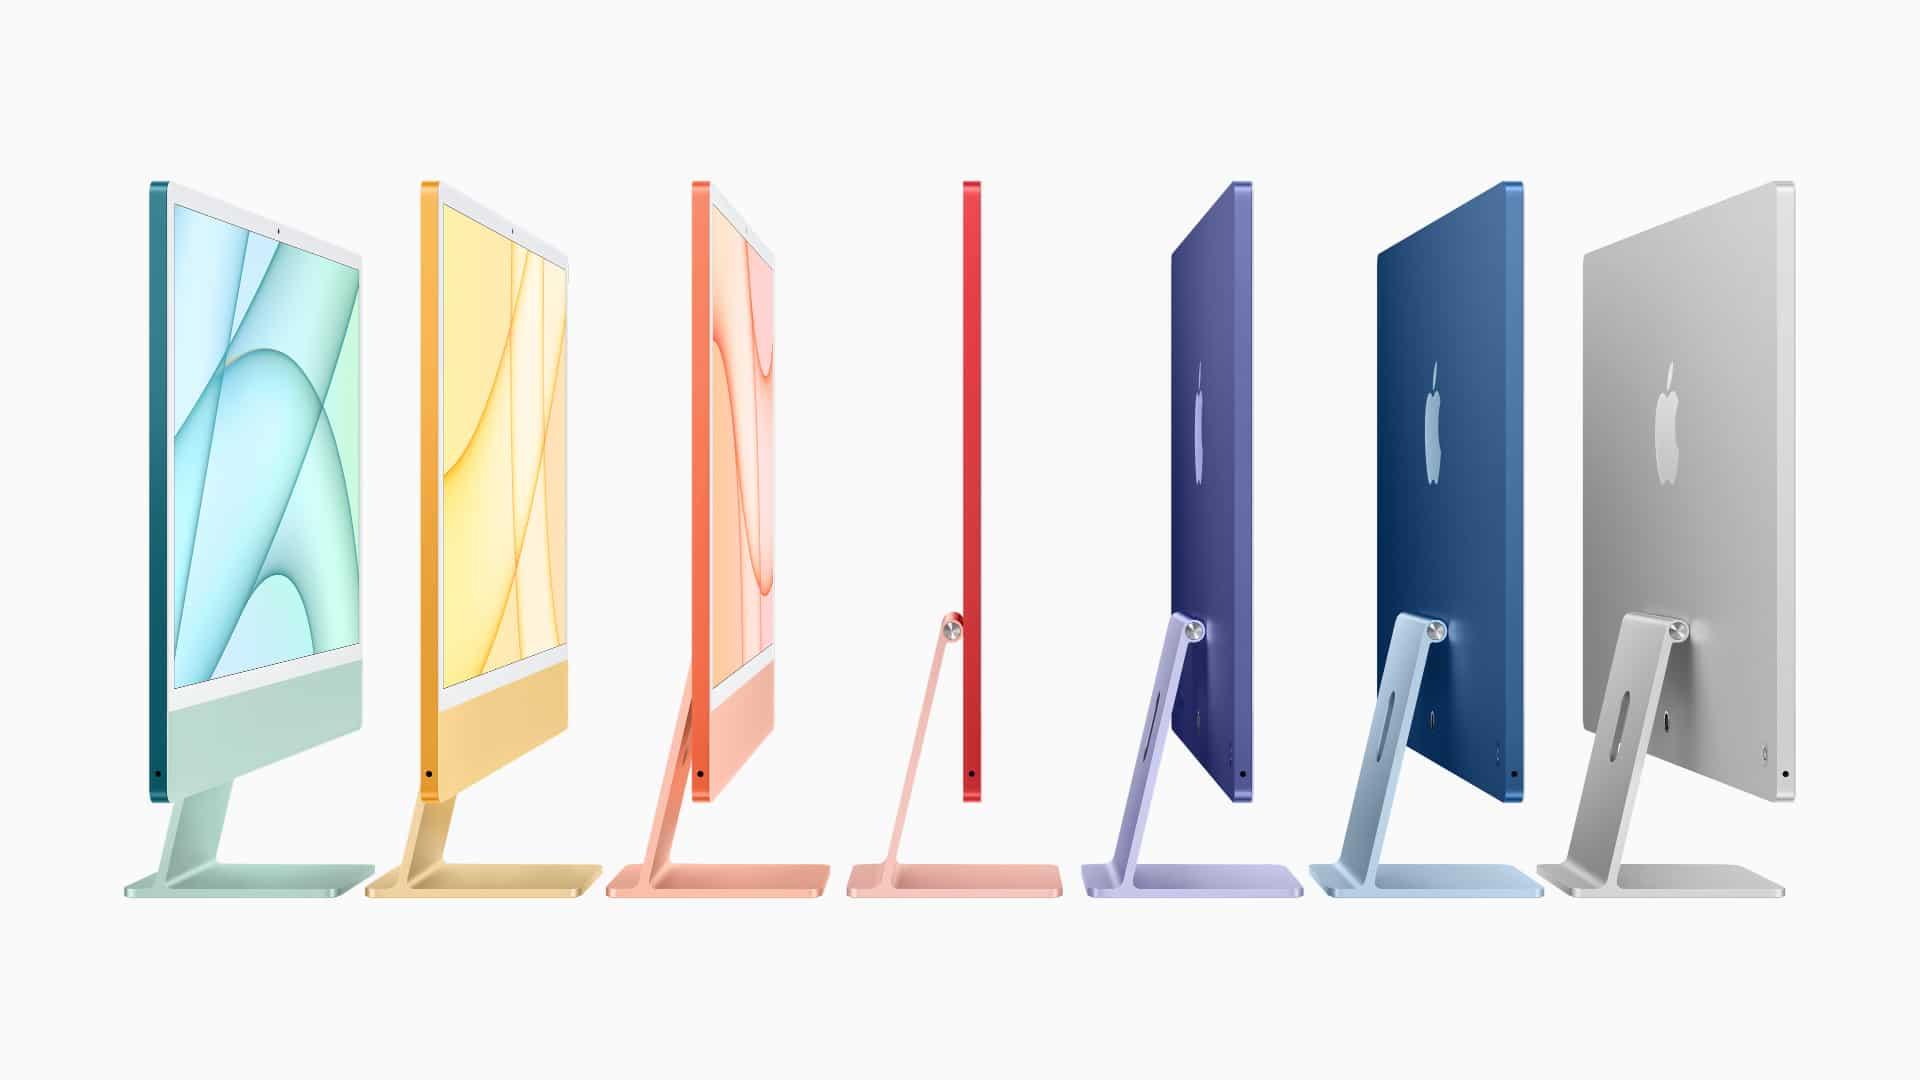 L'iMac 2021 avec la puce M1 deviendrait l'ordinateur tout-en-un ultime.